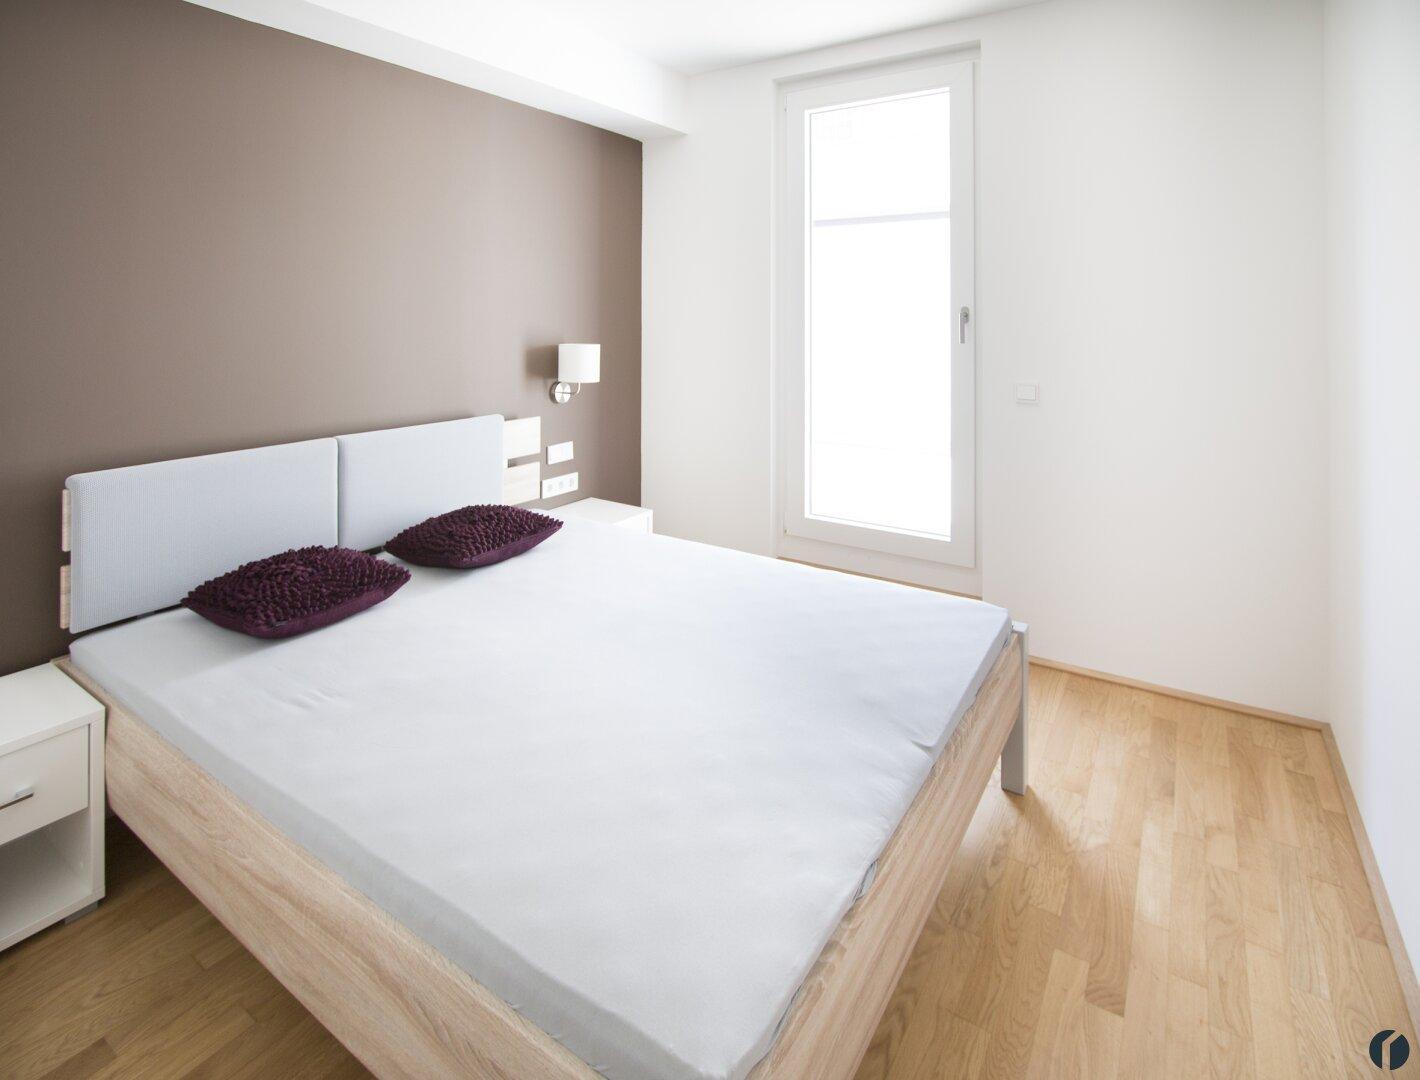 Schlafzimmer mit Zugang zur Terrasse und eigenem Badezimmer